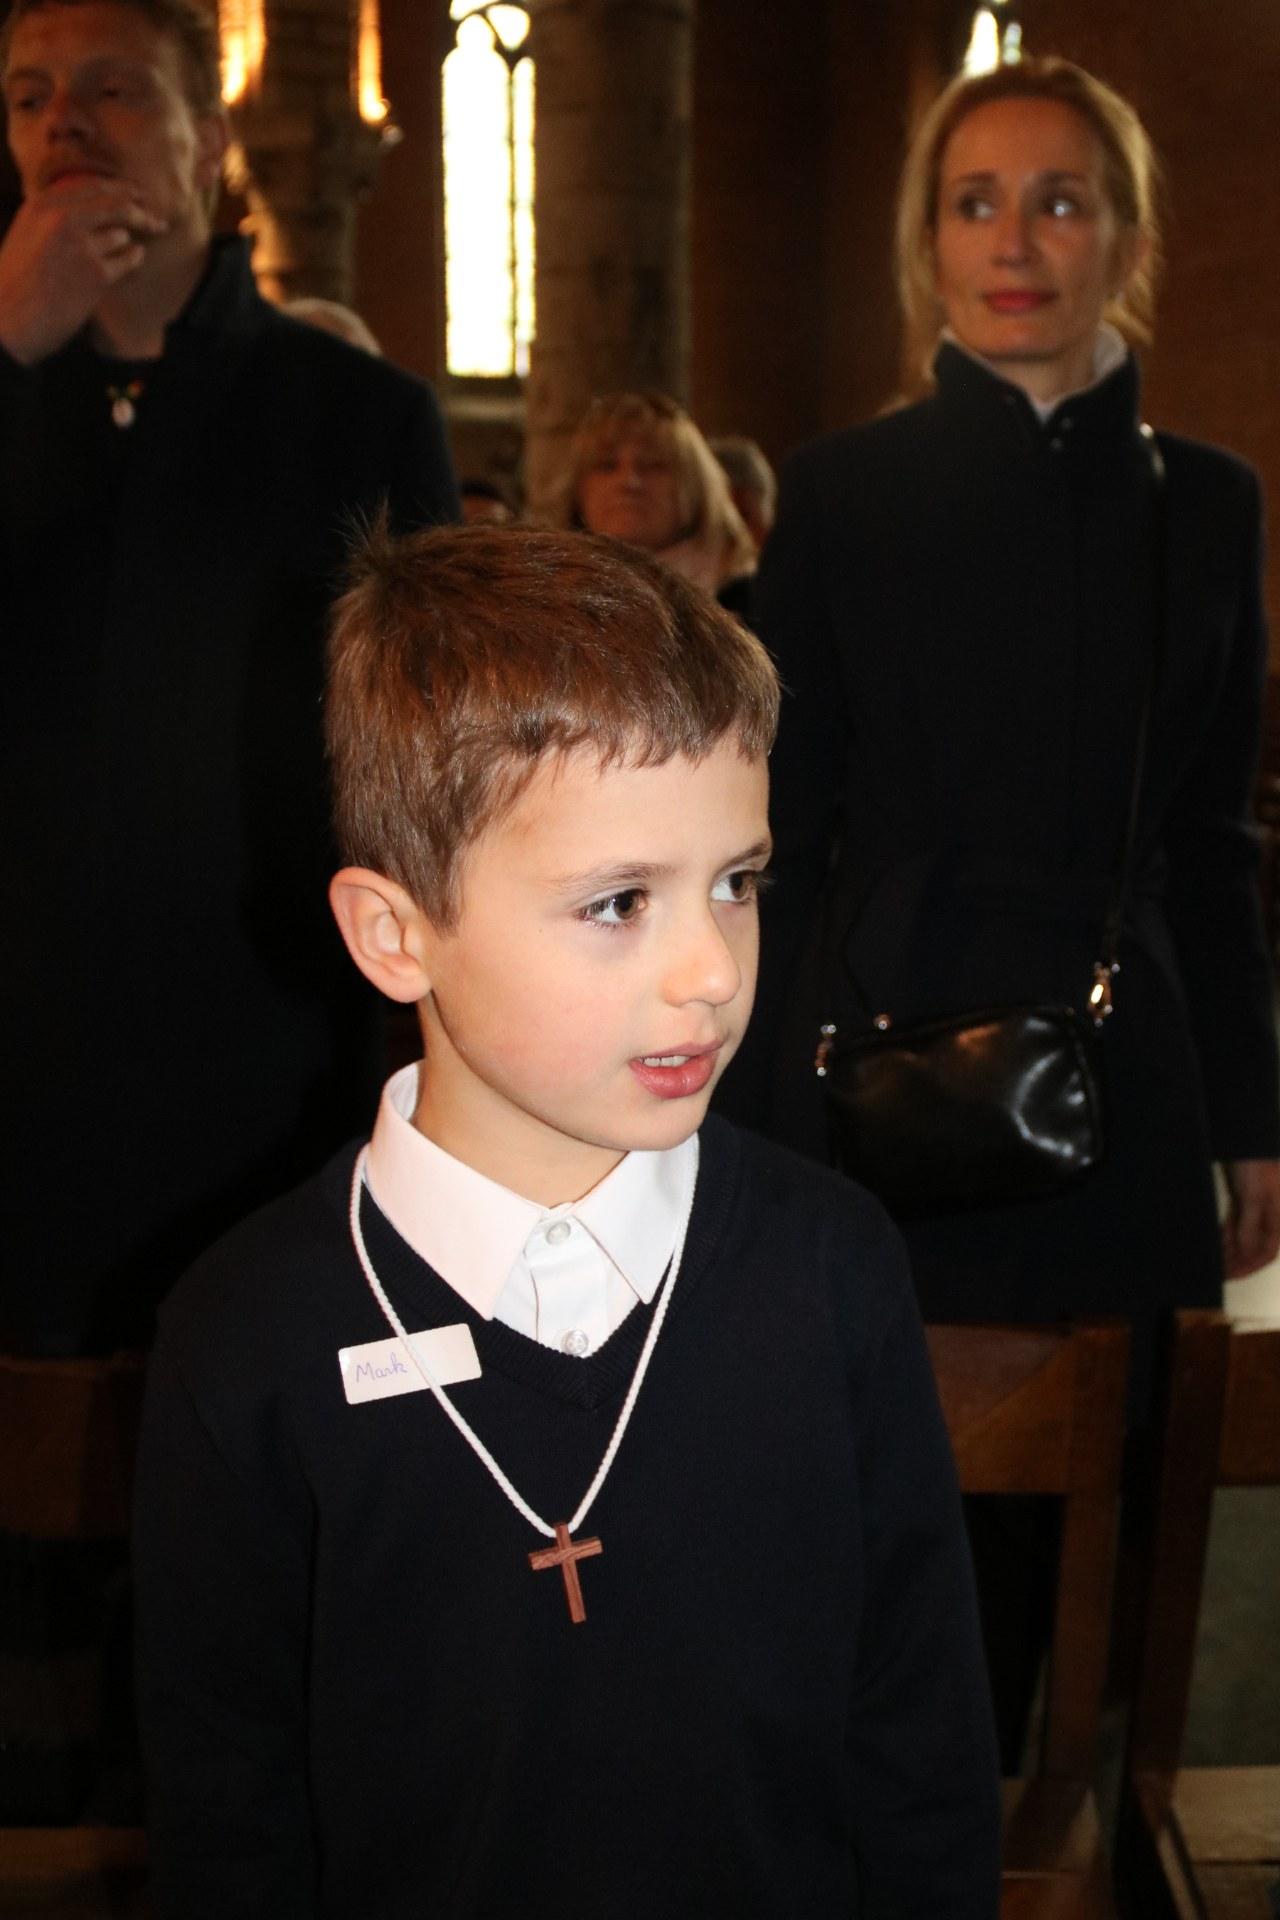 1905_Célébration de baptêmes (7 -12 ans) 17